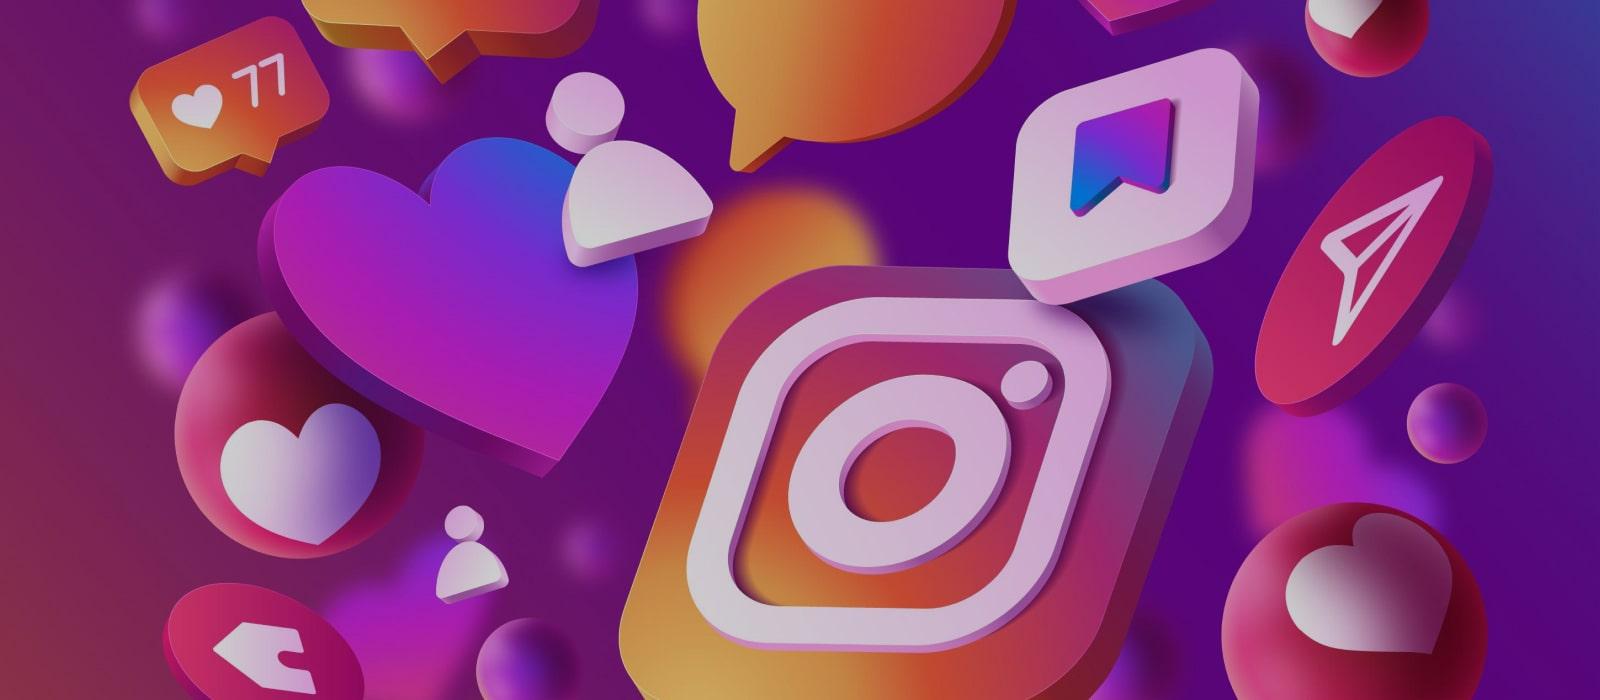 Facebook создает Instagram для детей до 13 лет